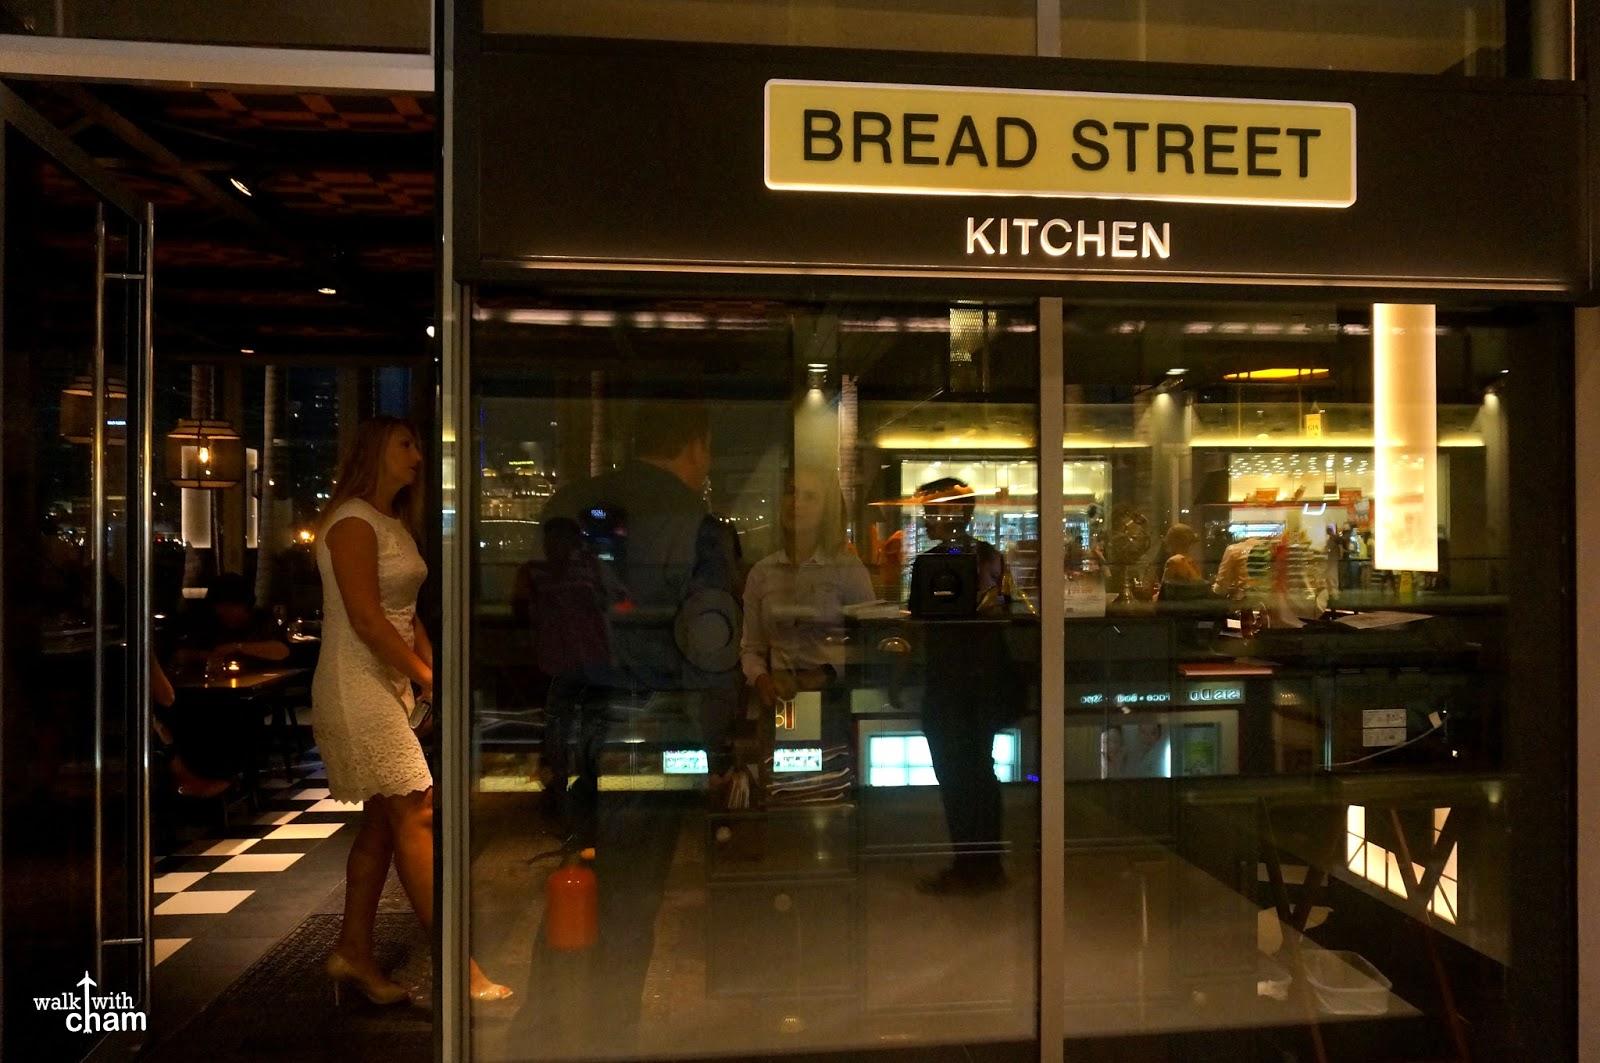 Walk with cham bread street kitchen jamie 39 s italian for Italian street kitchen